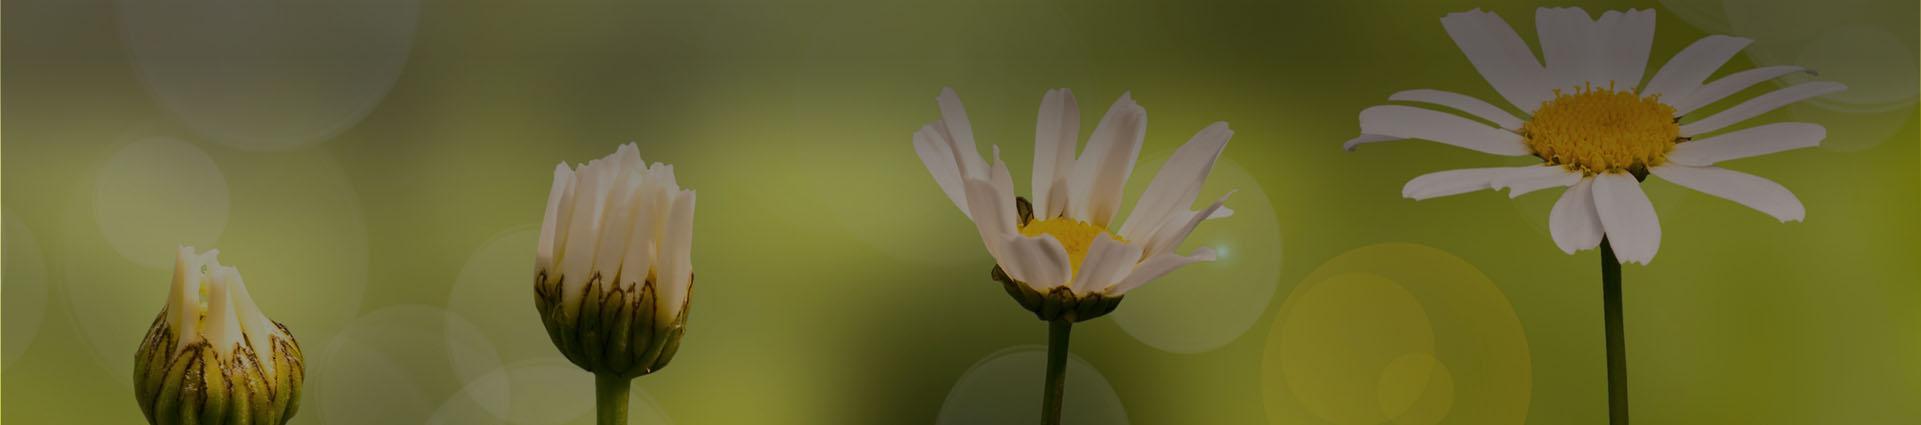 baner kwiaty